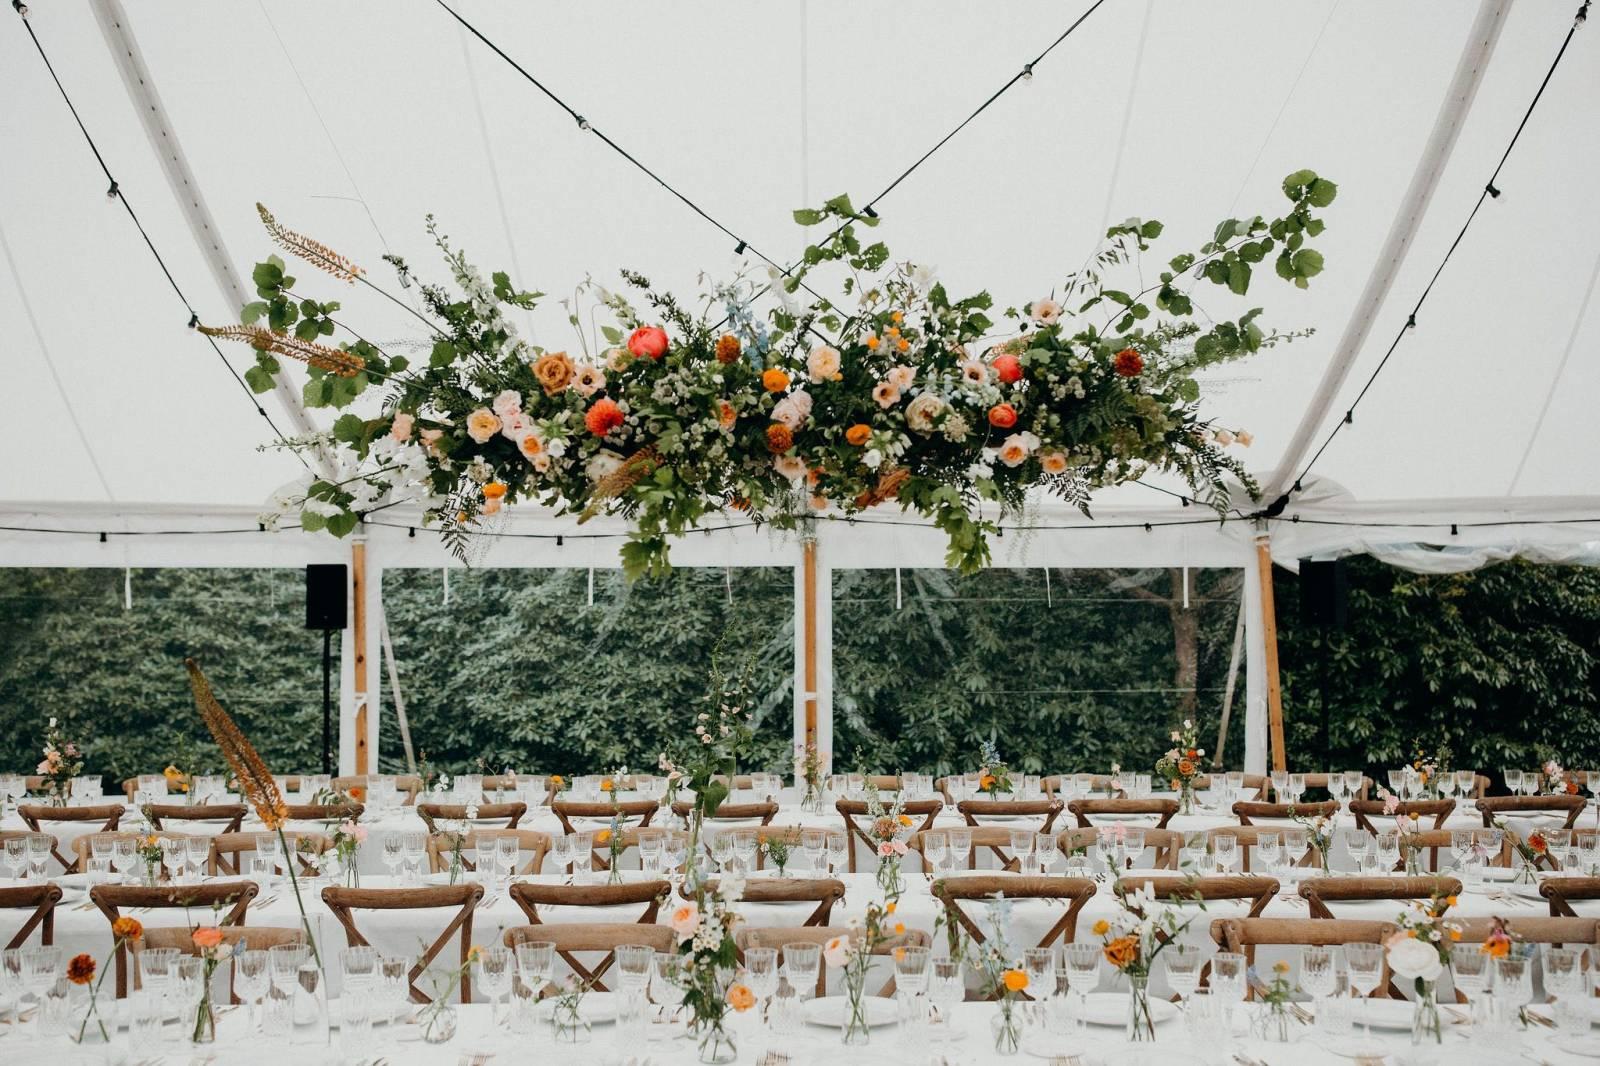 Altiro Tenten - Wedding Tent - Feesttent - Huwelijk trouw bruiloft - House of Weddings - 3